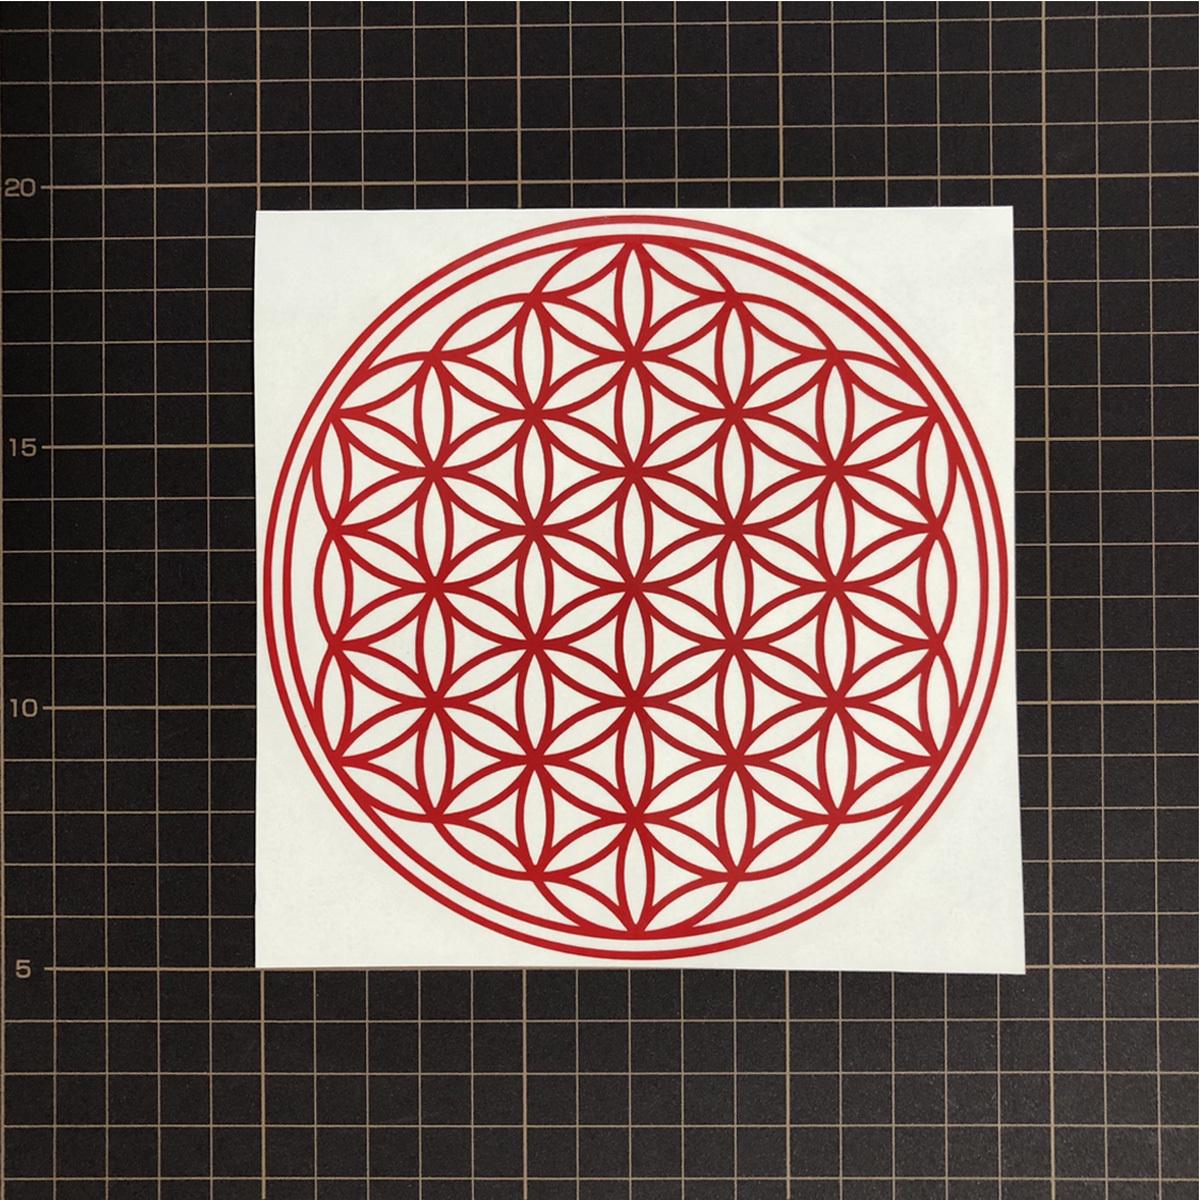 ●フラワーオブライフ 幾何学模様 「生命の花」運気向上 開運ステッカー 10色から選べる 701_画像3